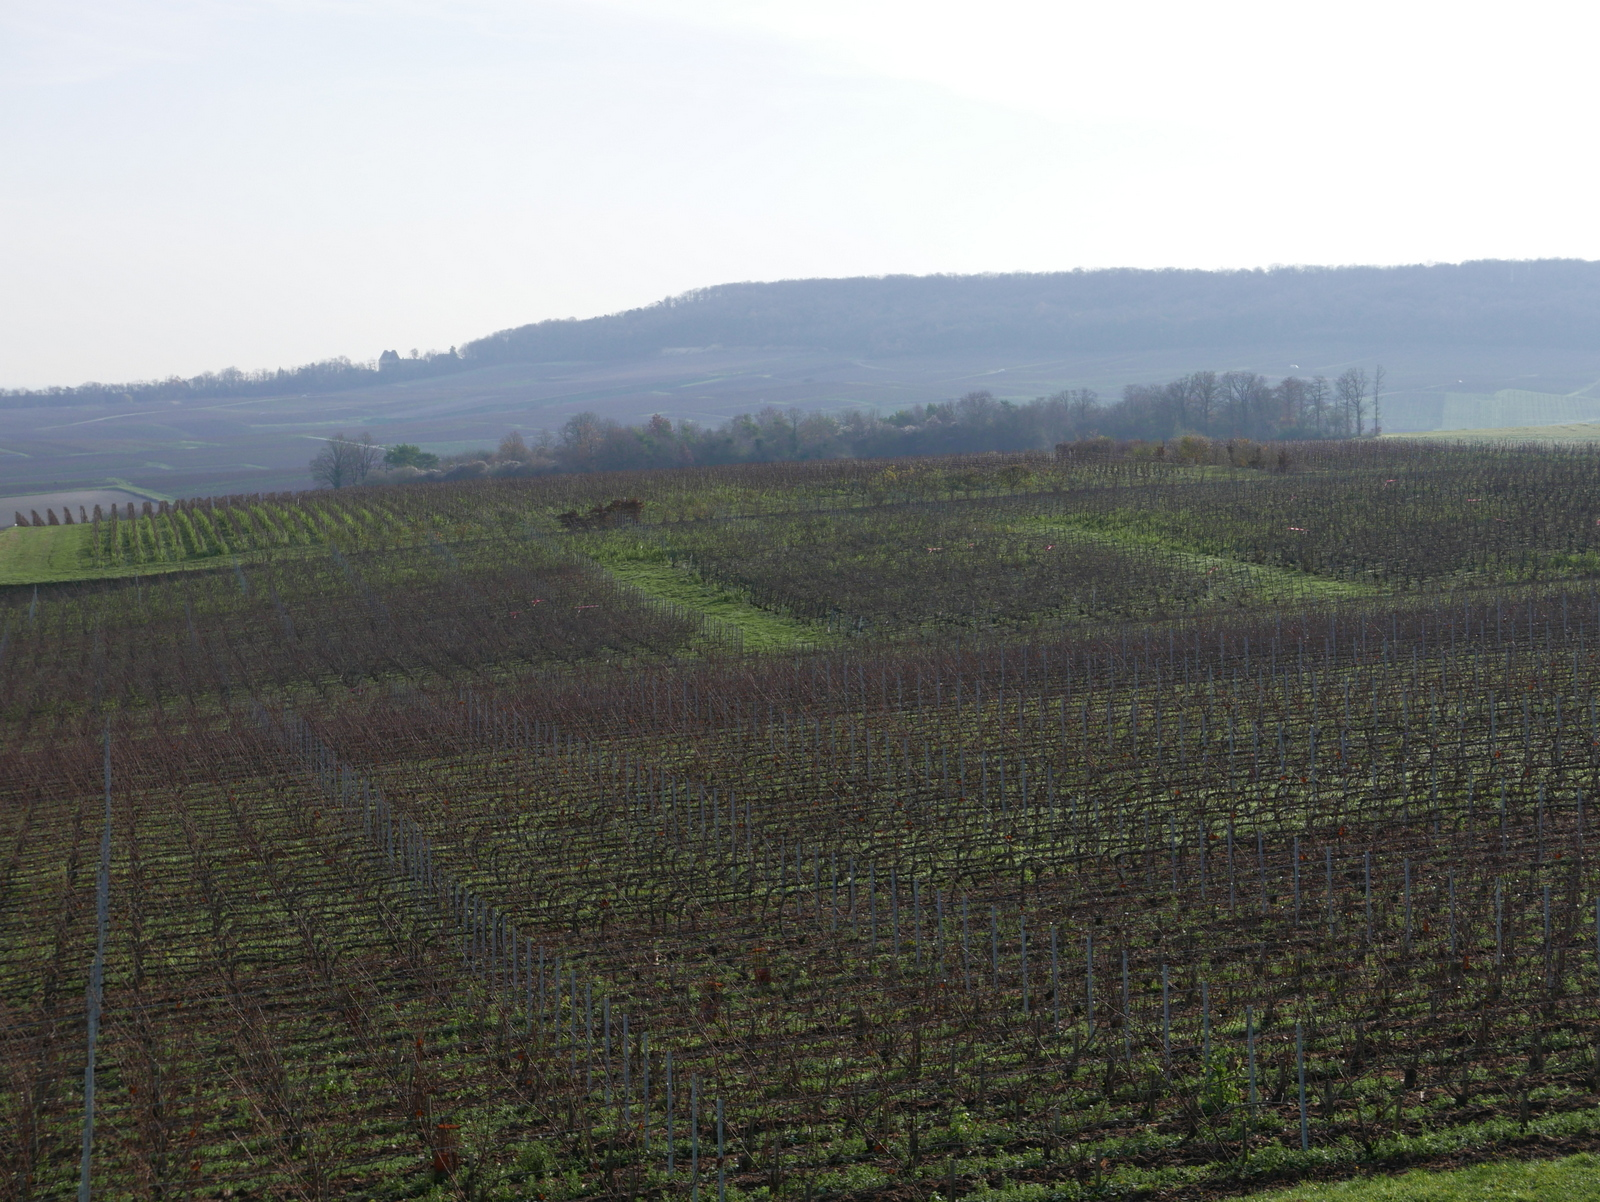 la Côte des Blancs, océan des vignes à Chouilly